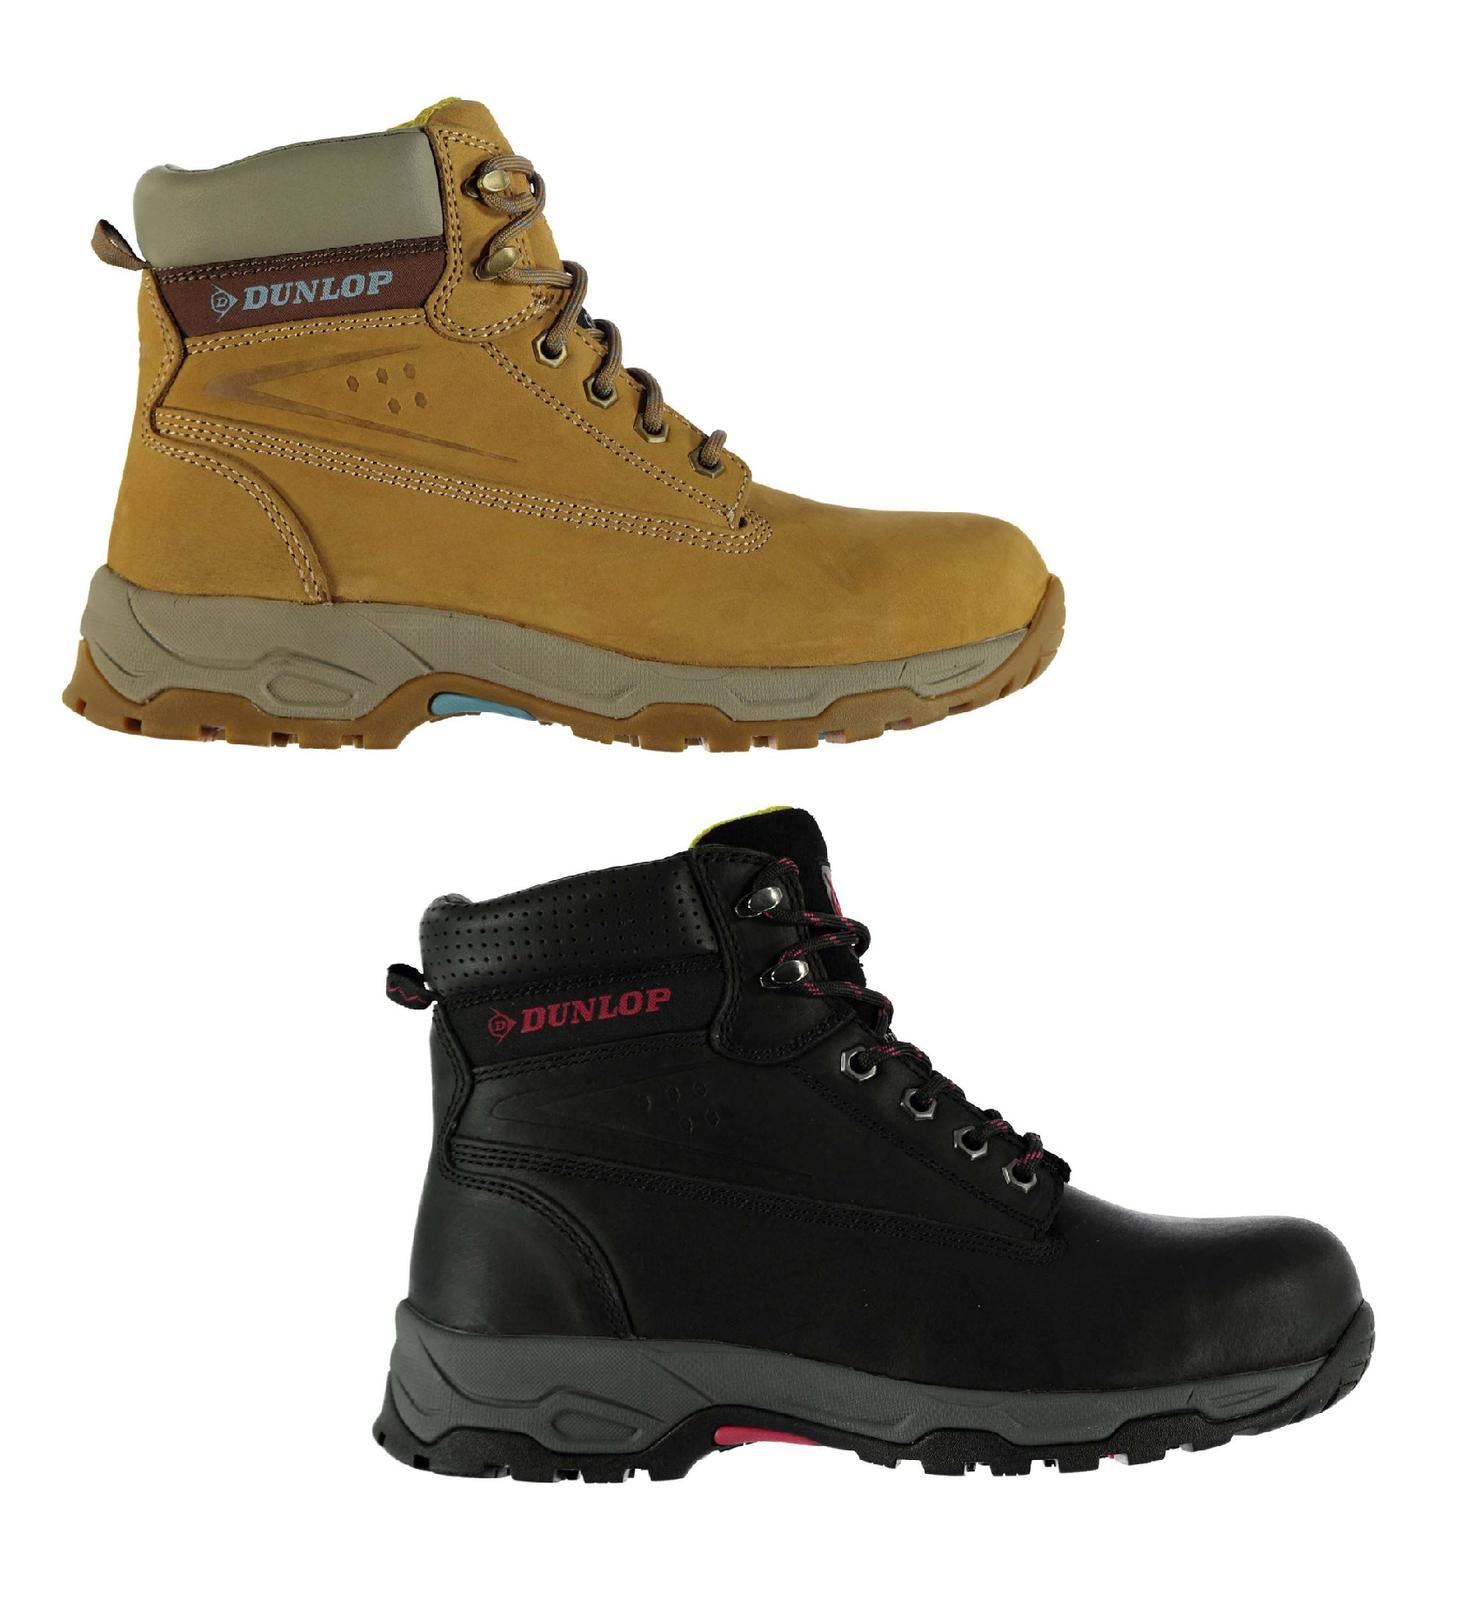 Dunlop Sicherheitsschuhe Arbeitsschuhe Schuhe Damen Safety Safety Safety Schuhes On Site 1004 15dd56